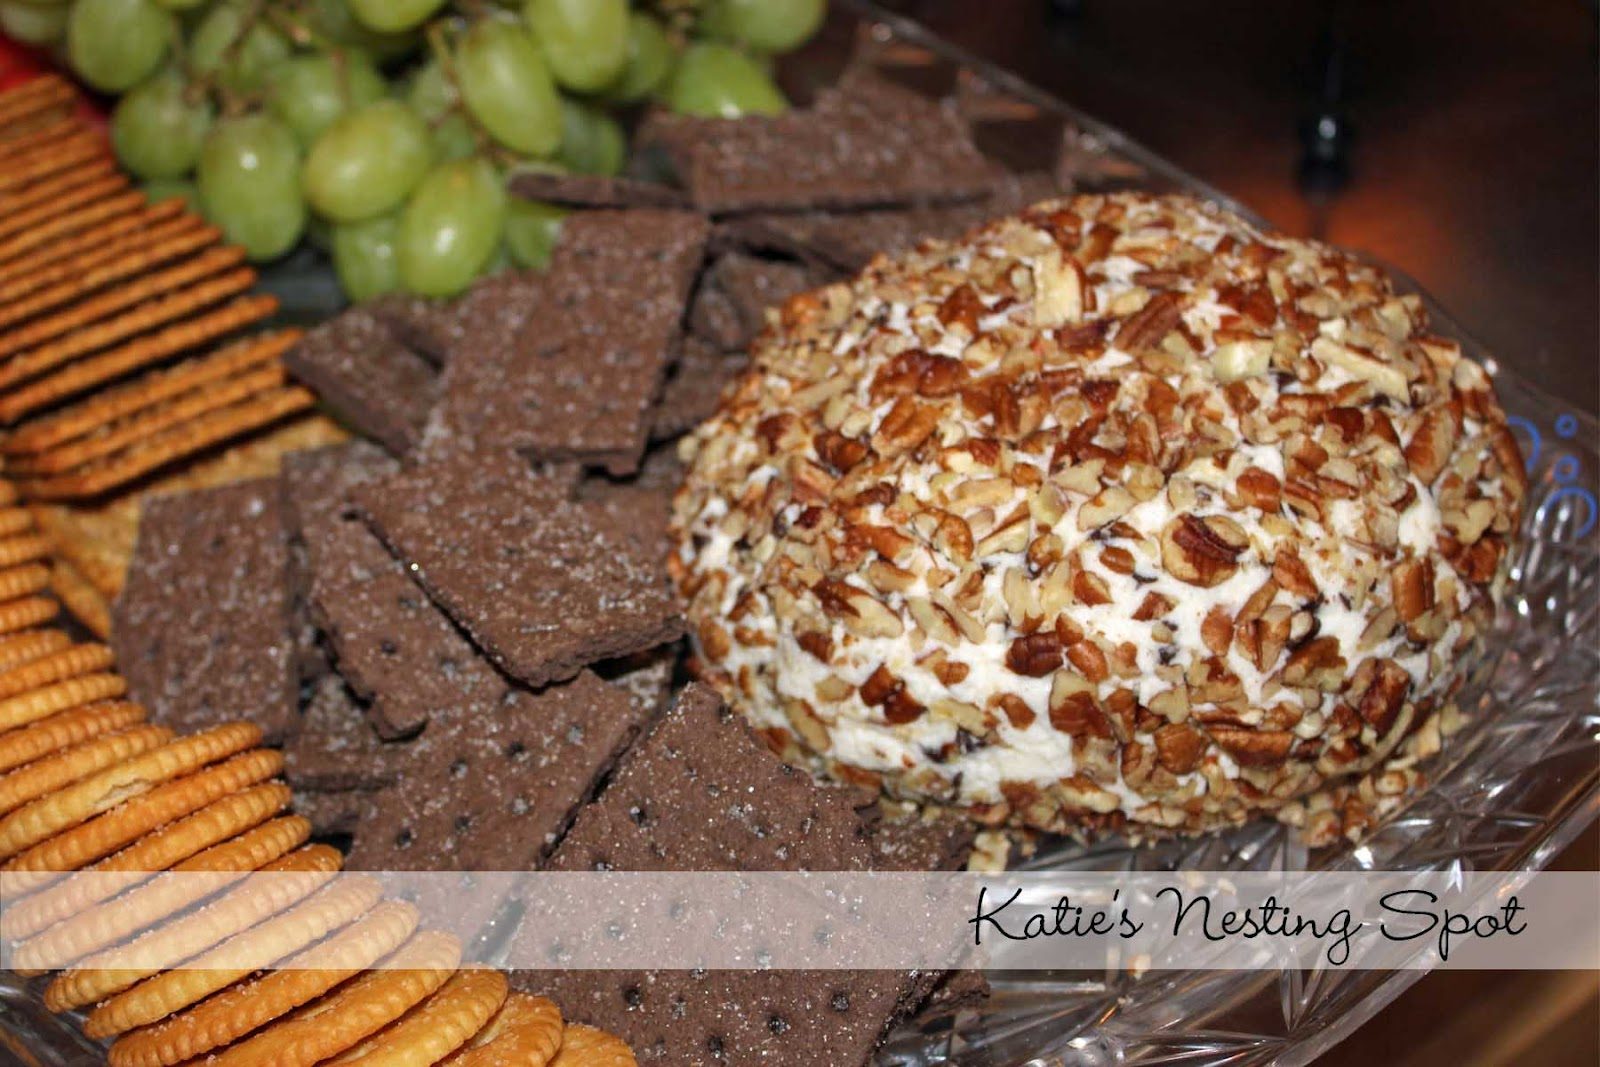 Katie's Nesting Spot: Chocolate Chip Cheese Ball